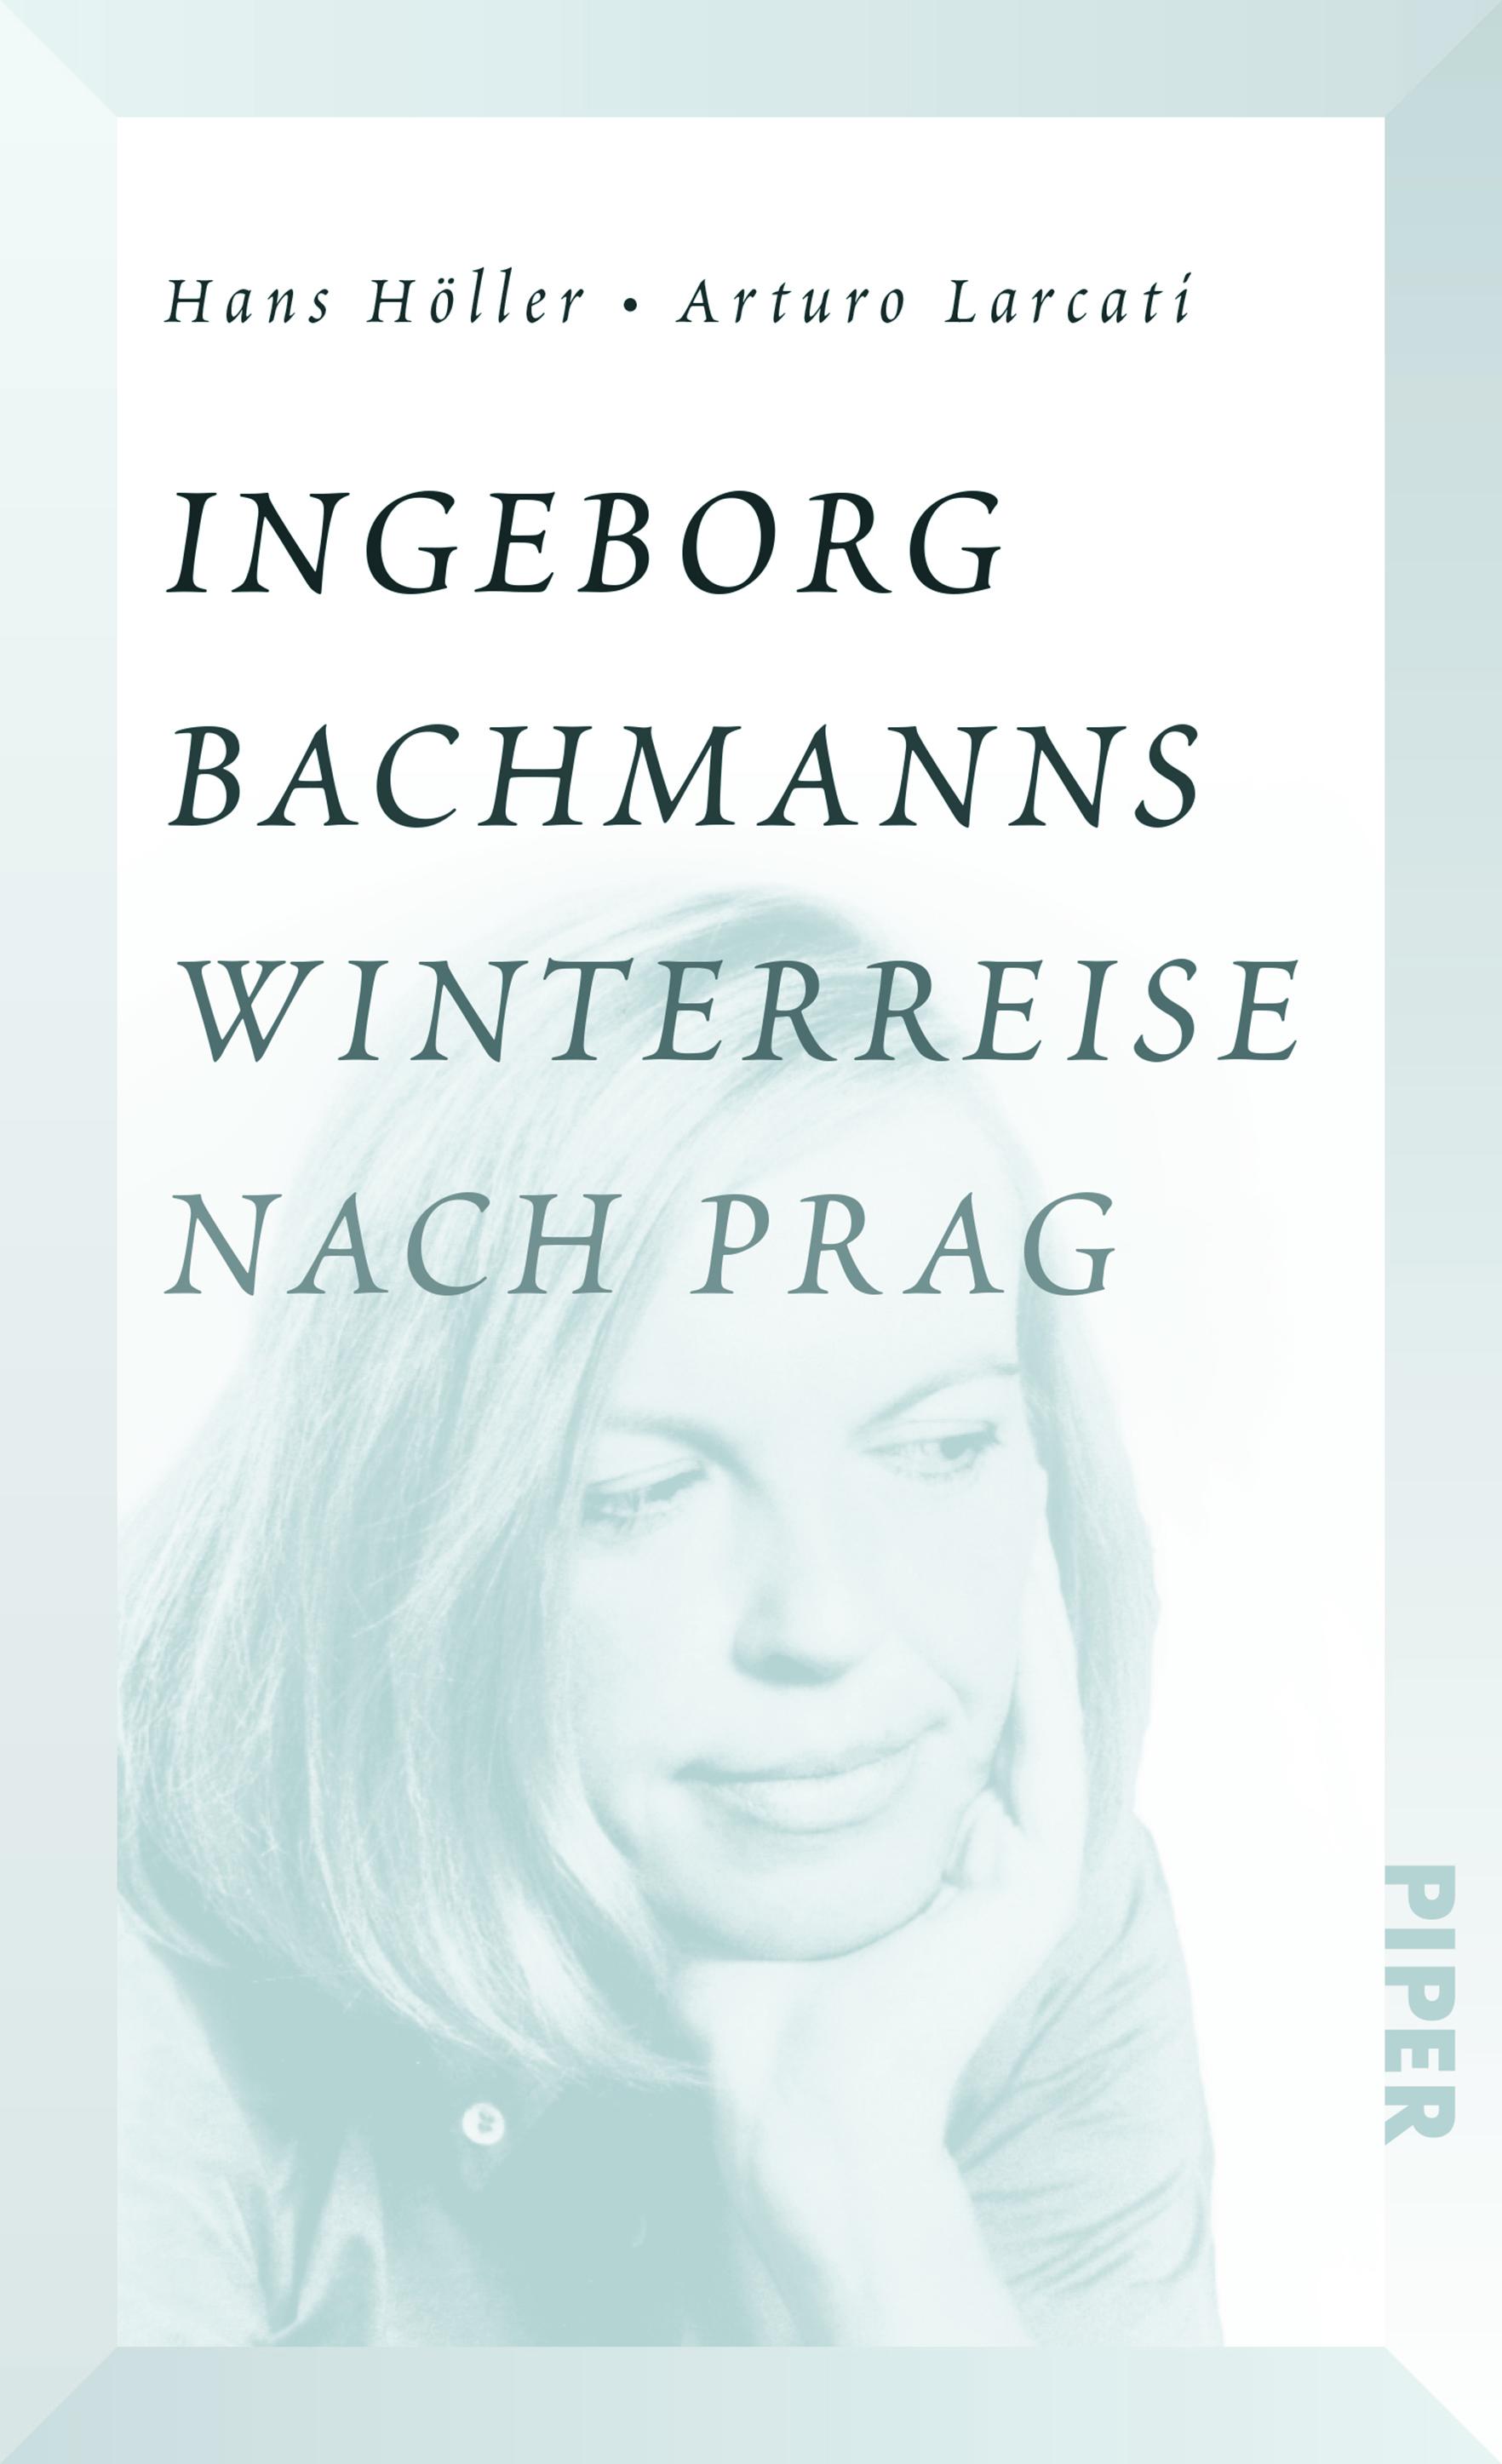 https://www.piper.de/buecher/ingeborg-bachmanns-winterreise-nach-prag-isbn-978-3-492-05809-4